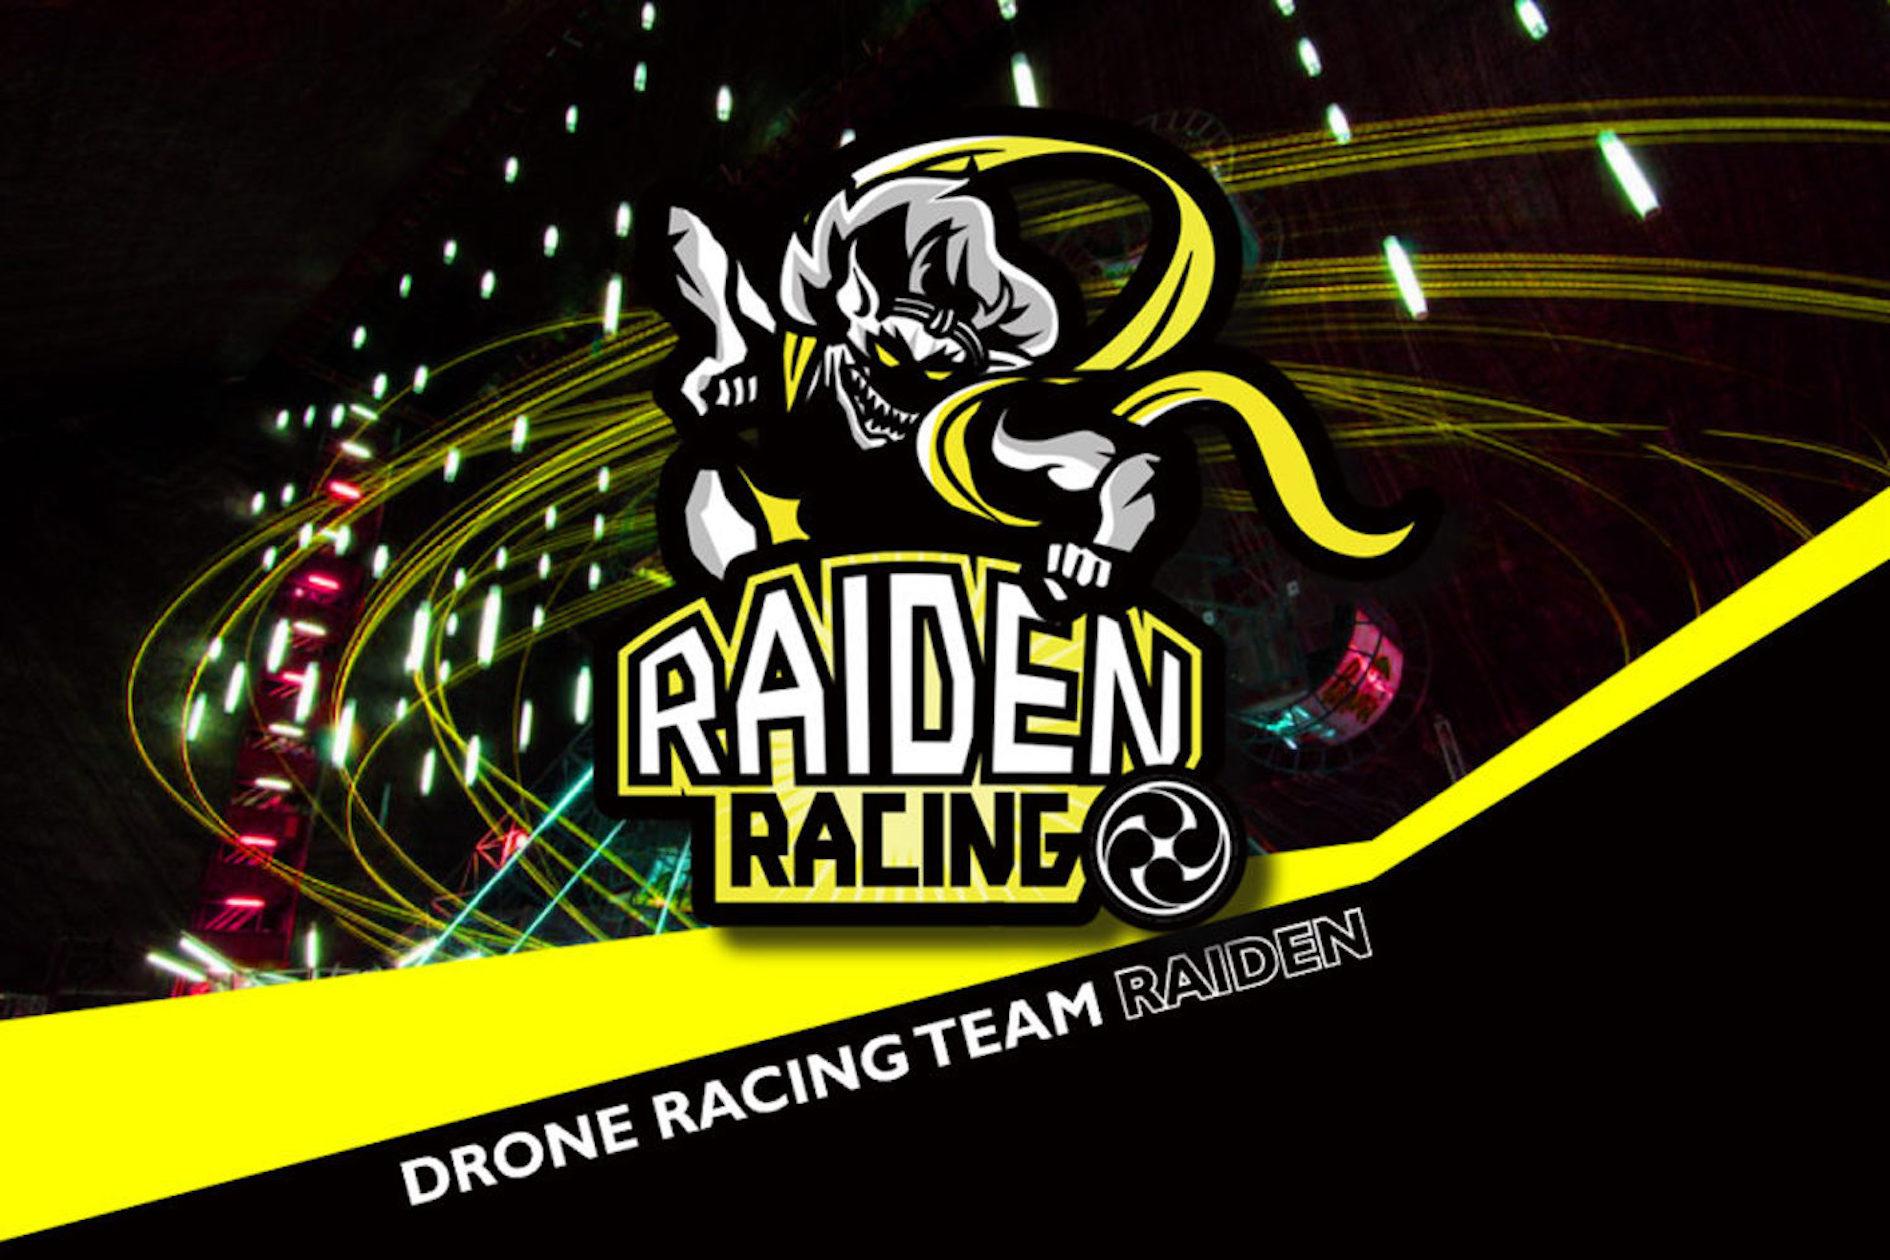 中国プロフェッショナルドローンリーグ『Drone GP』参戦決定のお知らせ